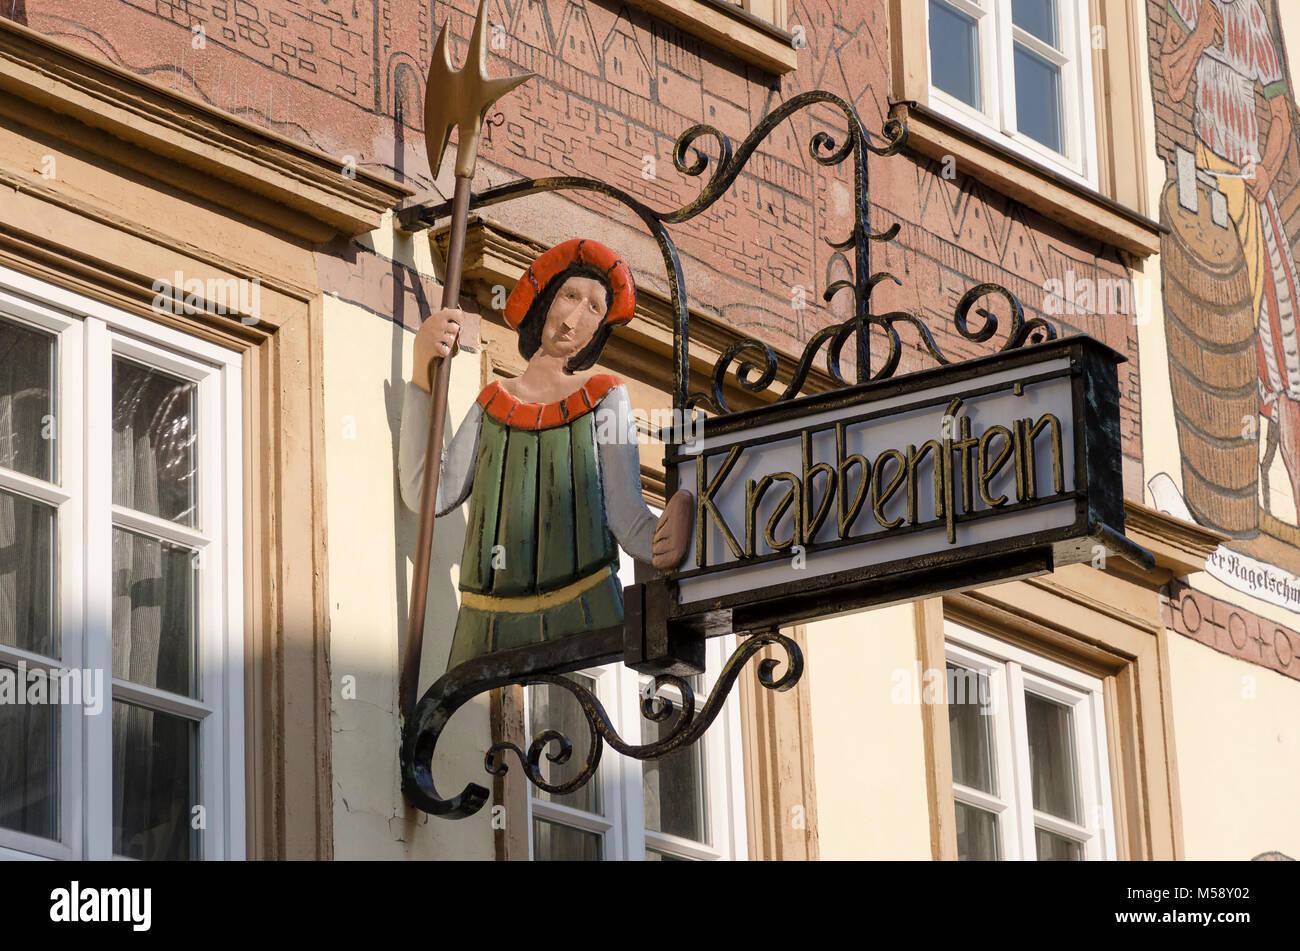 Eberbach am Neckar, Gasthaus 'Krabbenstein', Baden-Württemberg, Deutschland - Stock Image